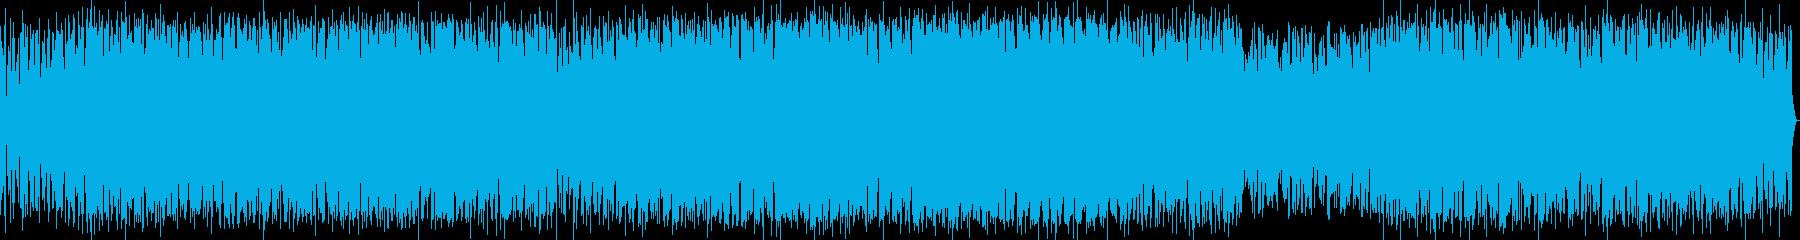 仲間、青春を思い描くエレクトロサウンドの再生済みの波形